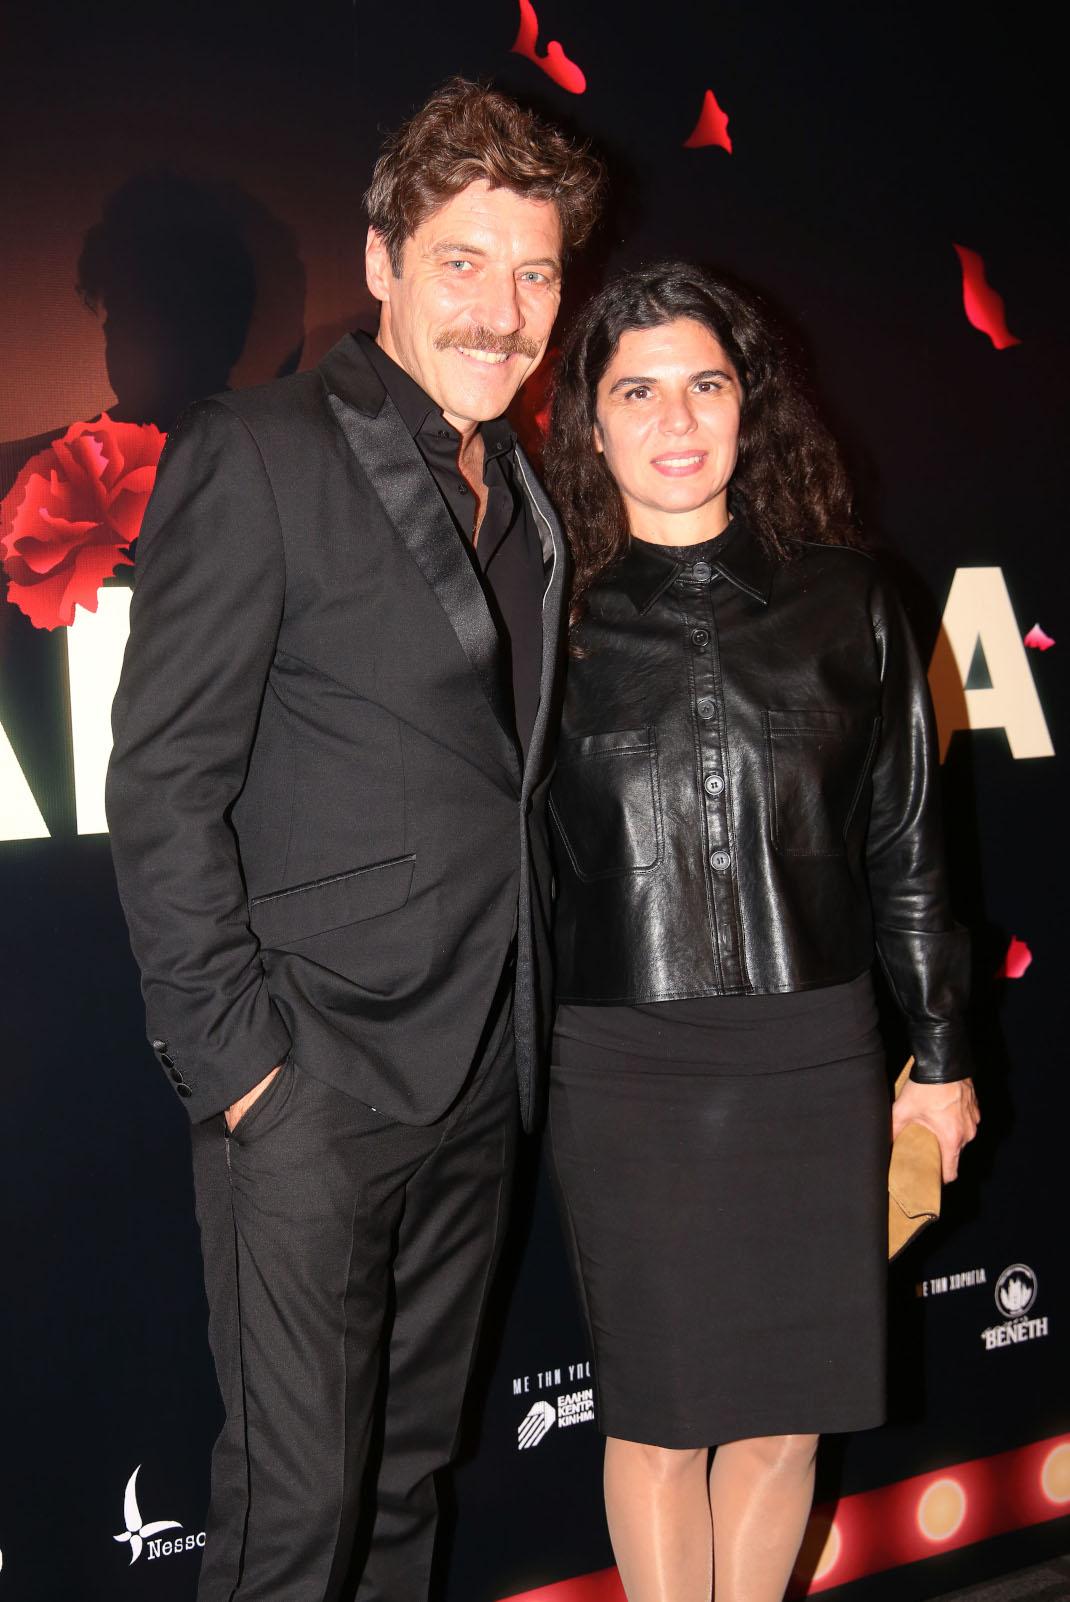 Ο Γιάννης Στάνκογλου με την σύζυγό του